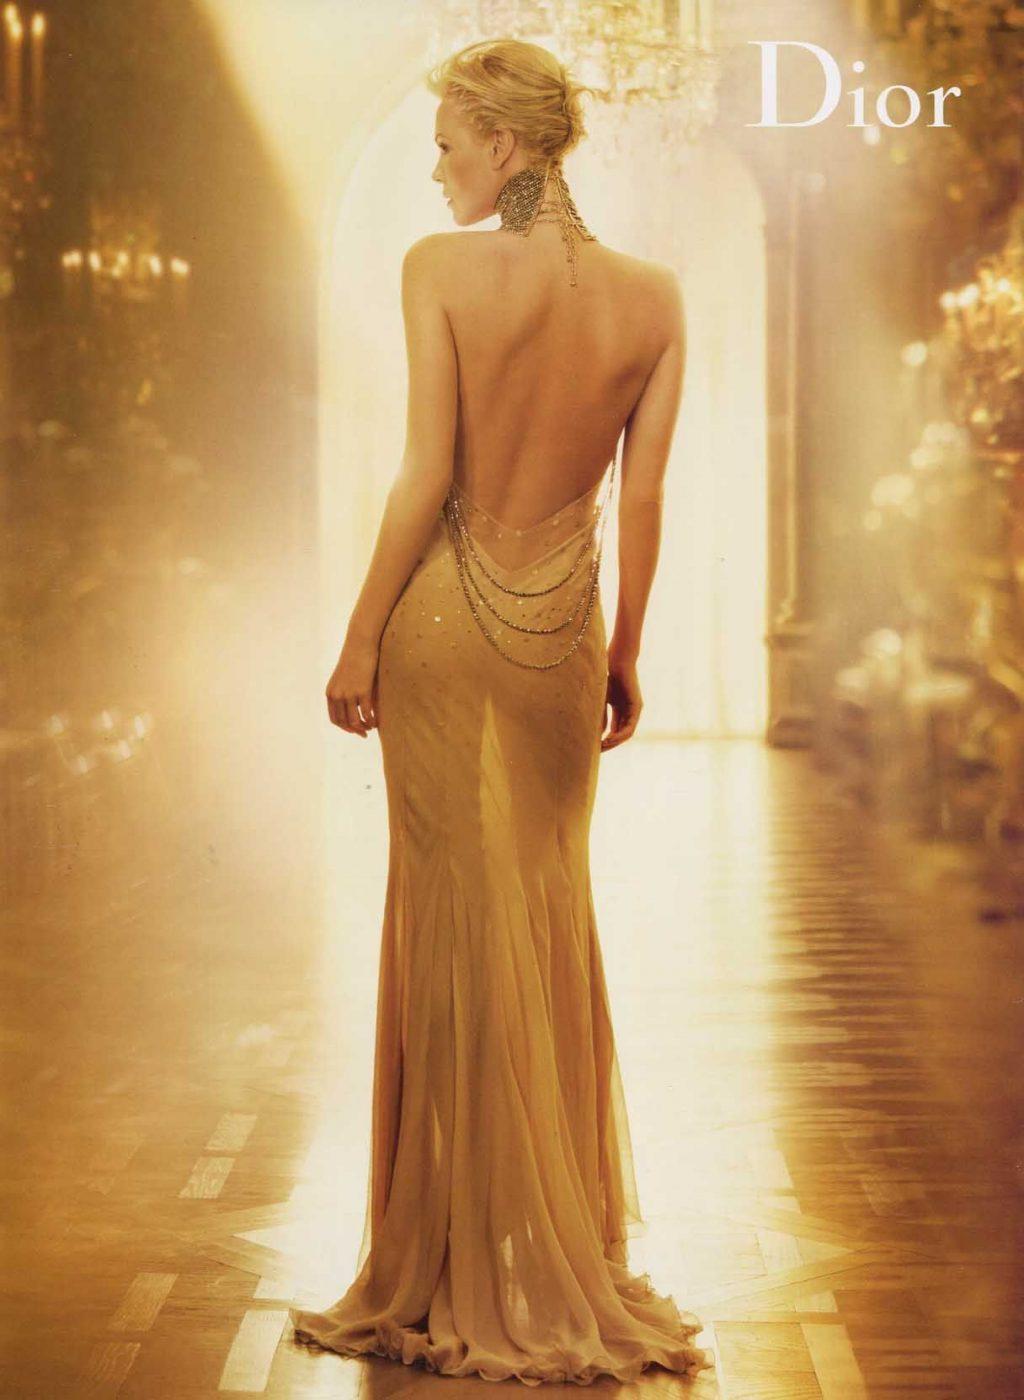 Dior J'adore - cô gái đứng